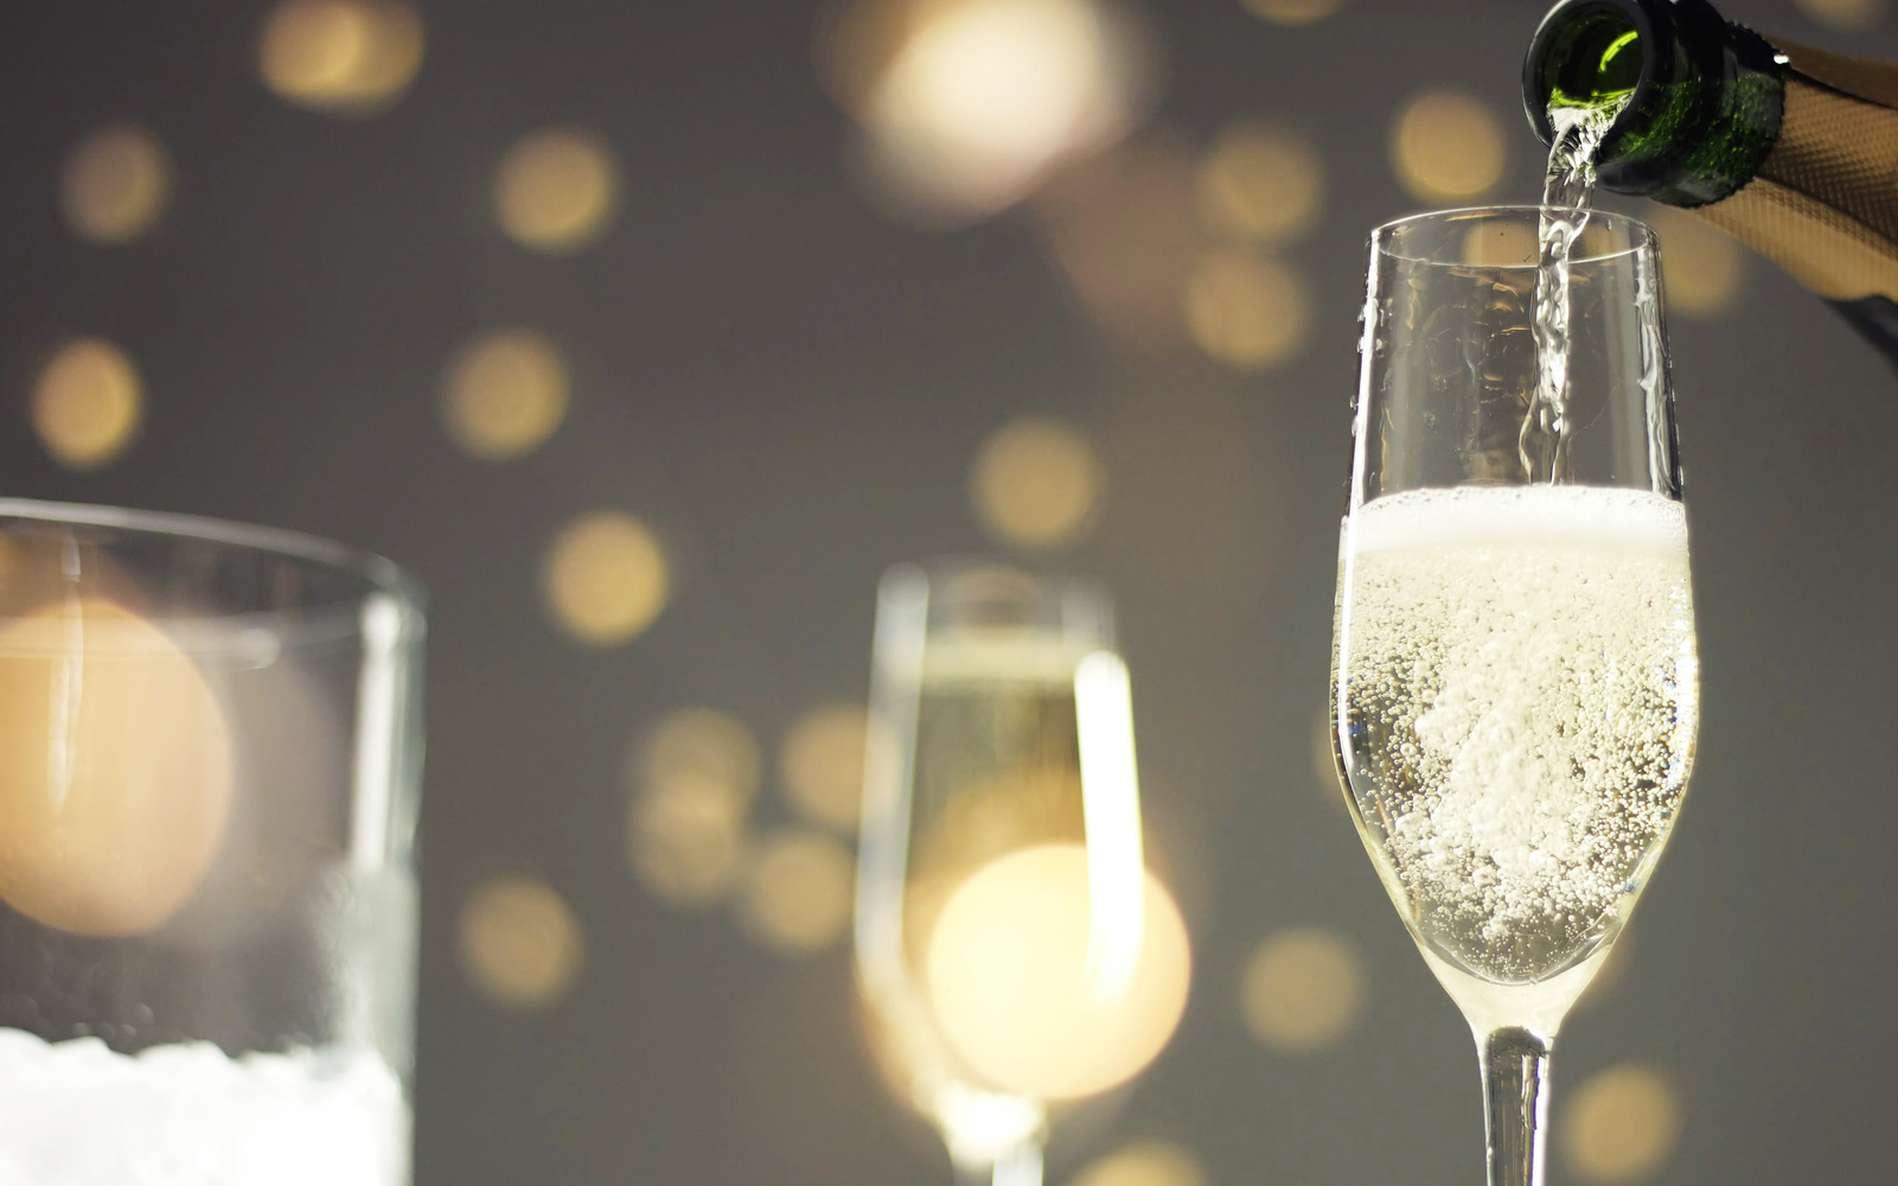 Dans un verre parfaitement propre, le champagne ne ferait pas de bulle. © Anastasia, fotolia